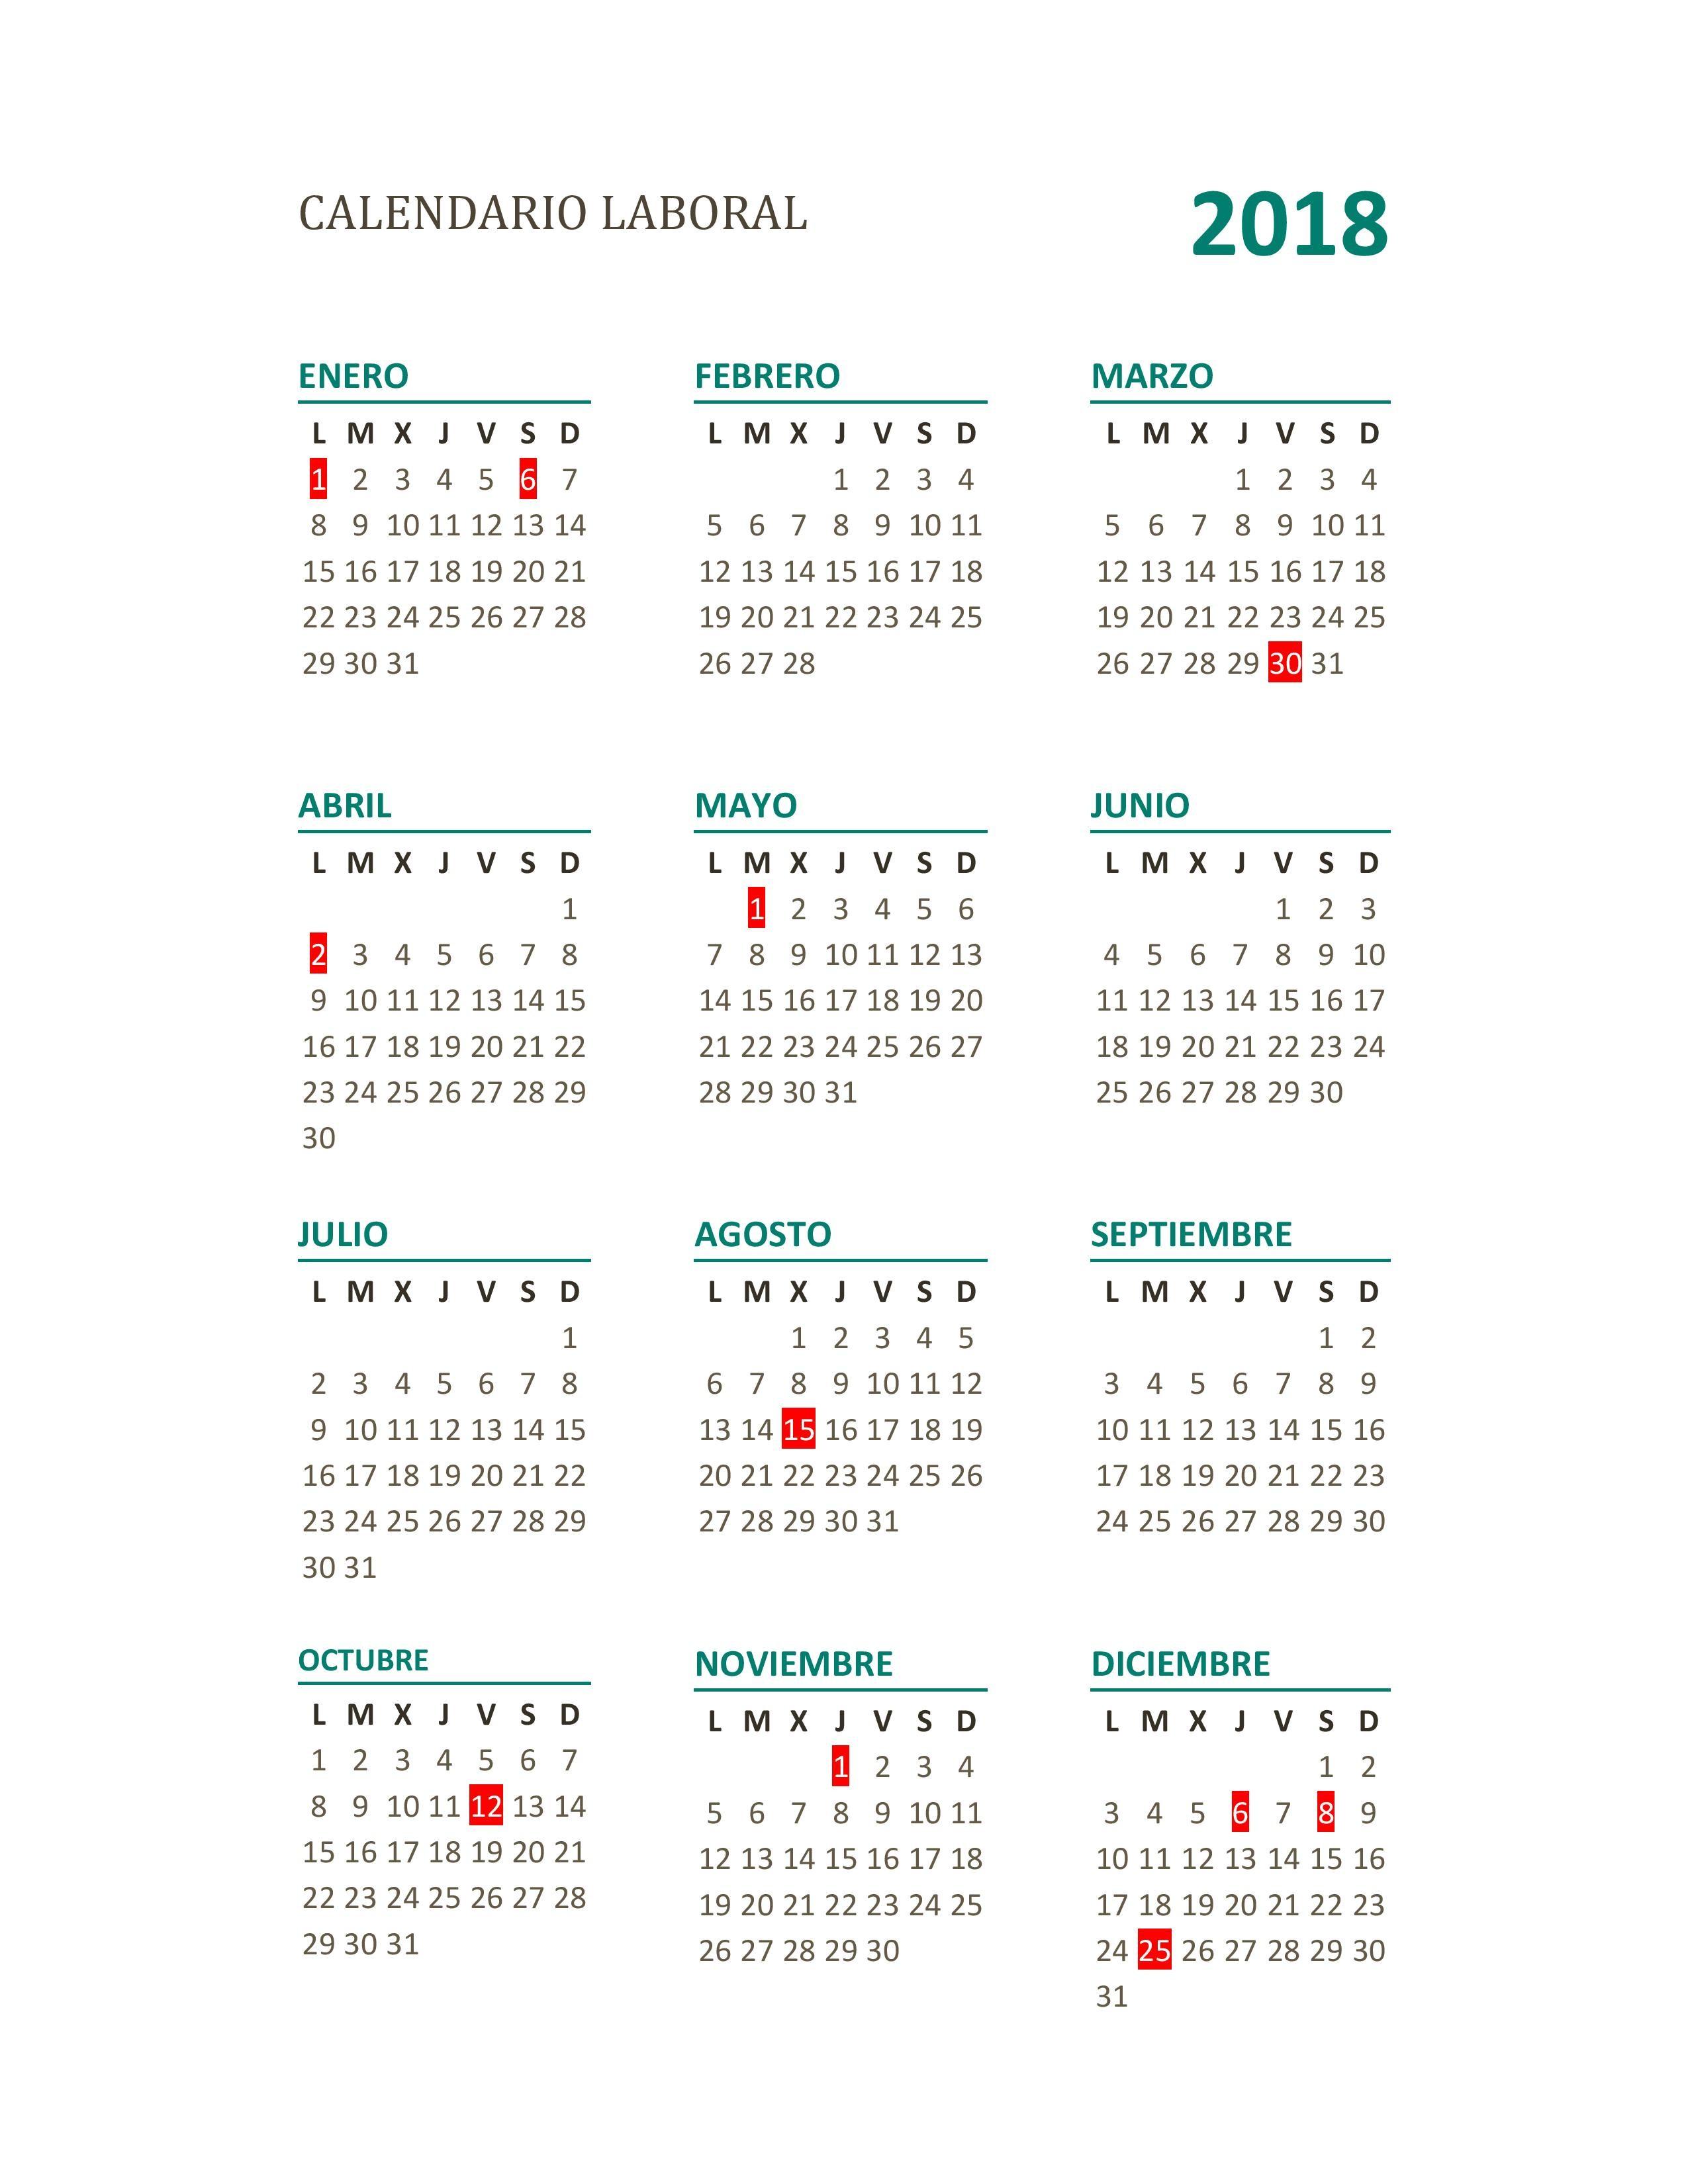 Calendario laboral 2018 pleto